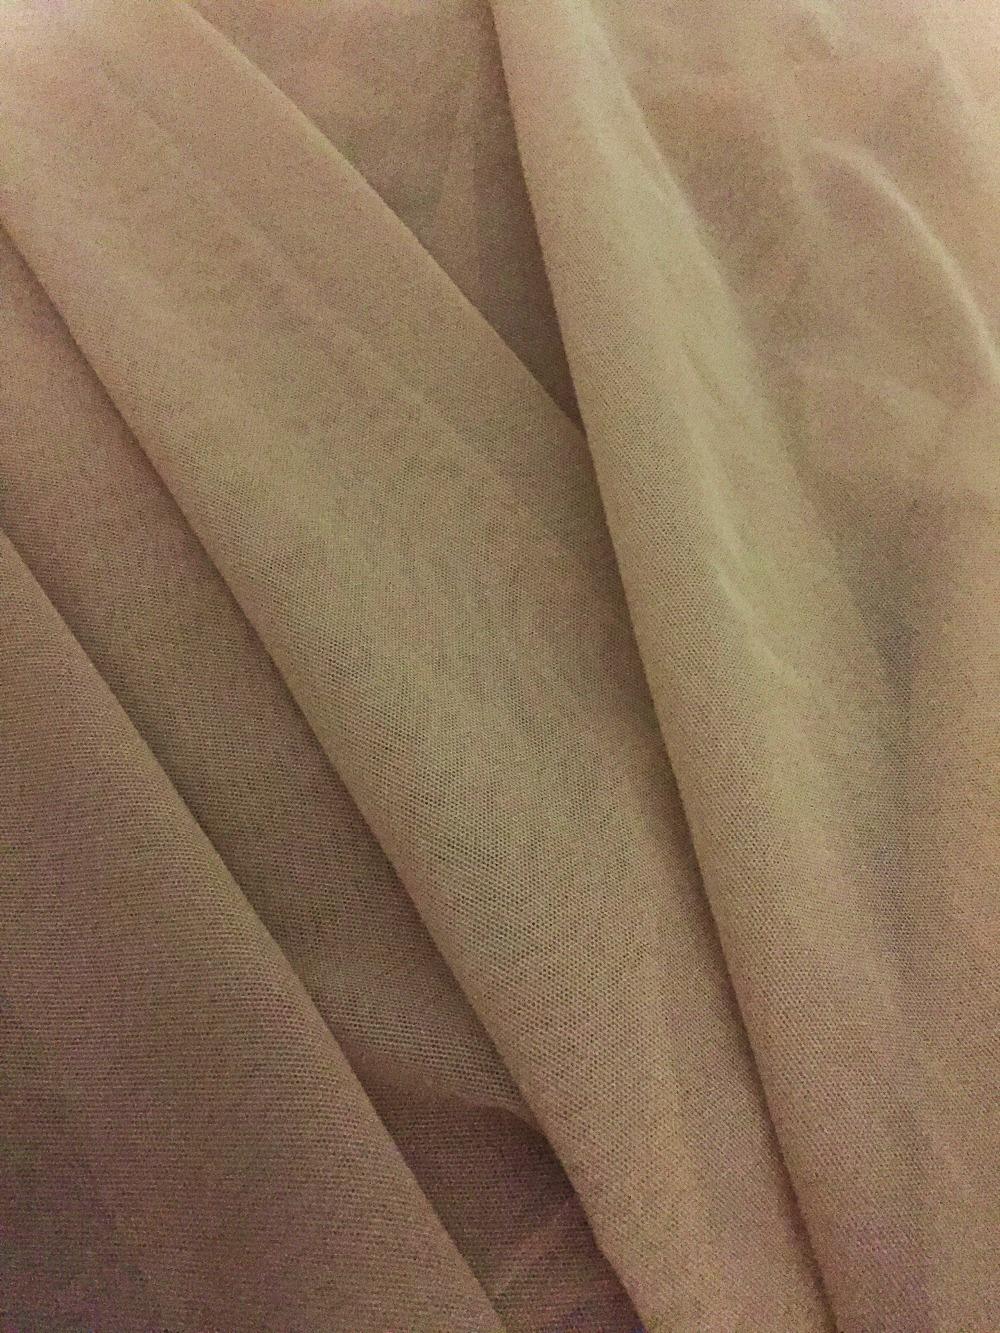 Skin Color Fabric Meter Tan Skin Nude Color